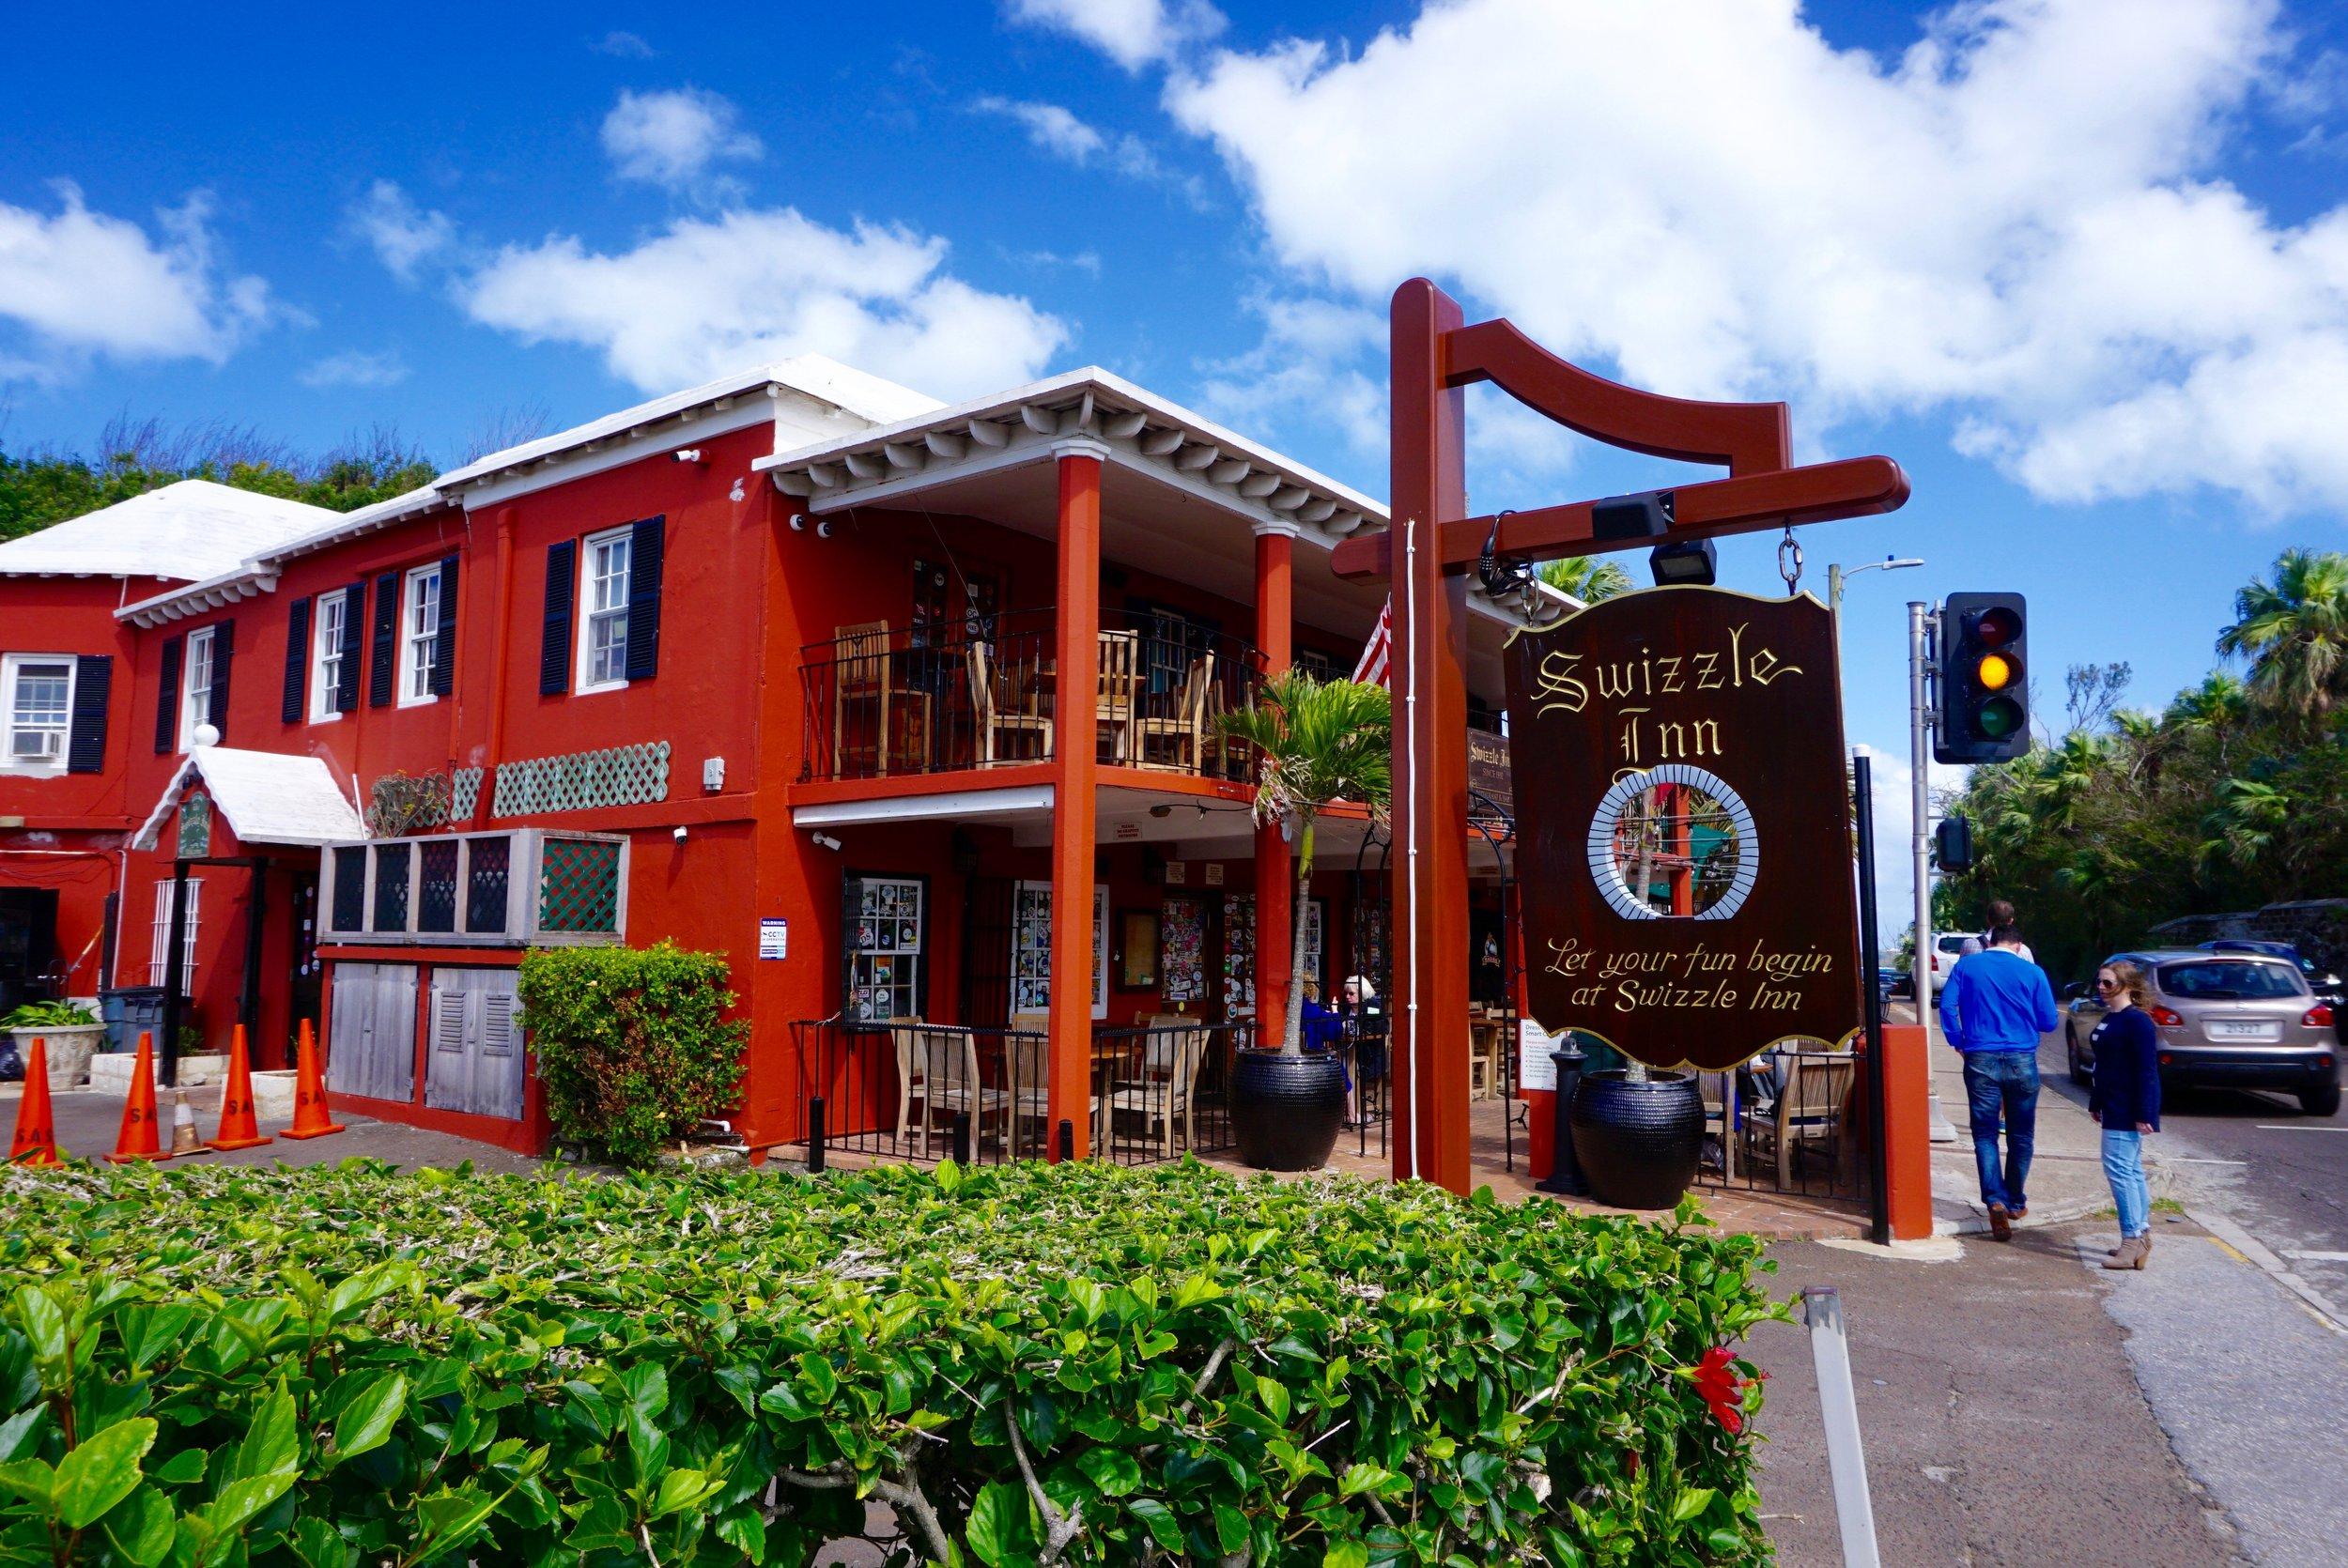 Swizzle Inn, Bermuda